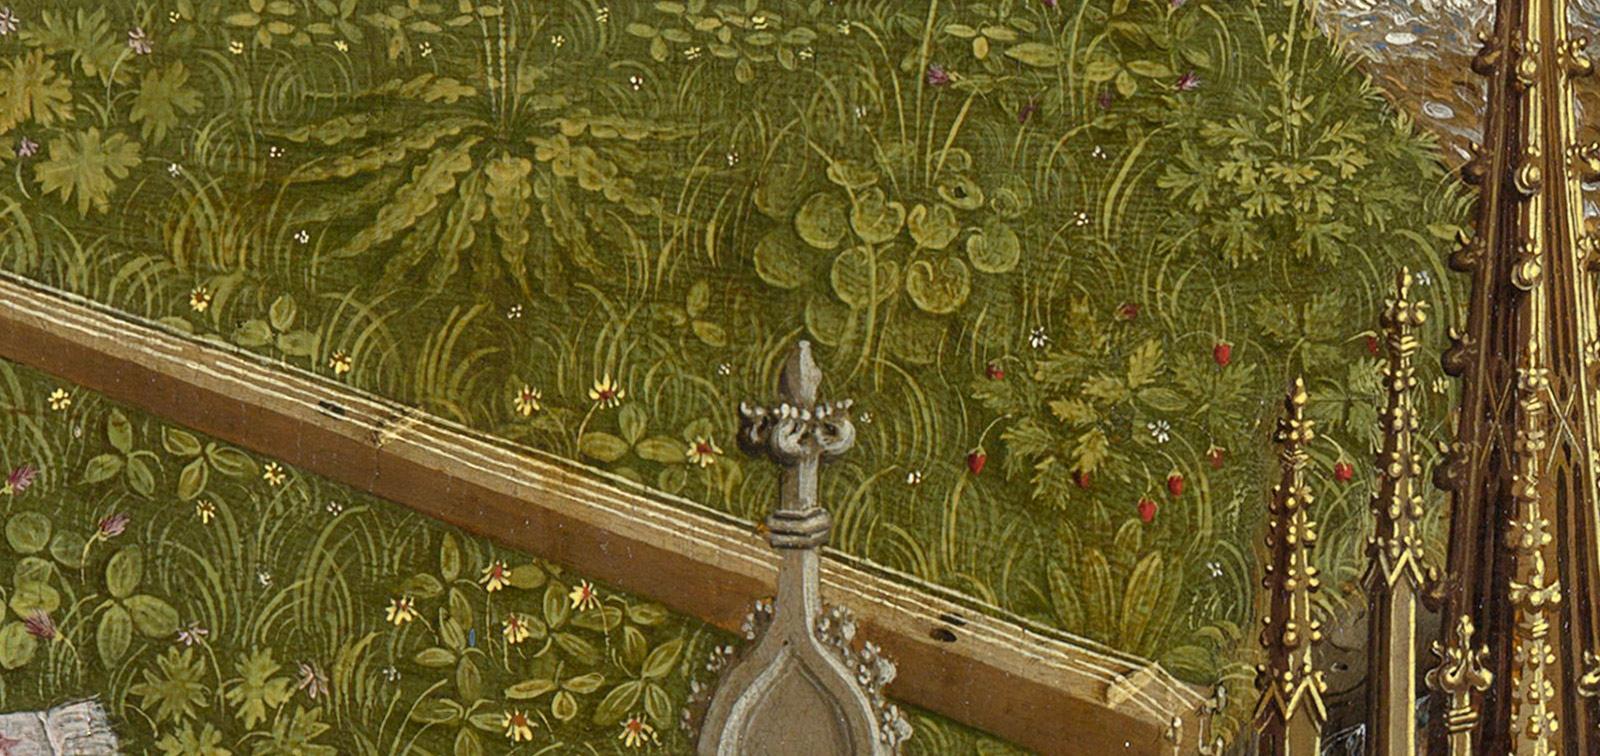 <em>La Fuente de la Gracia. Paseo por un prado florido</em>